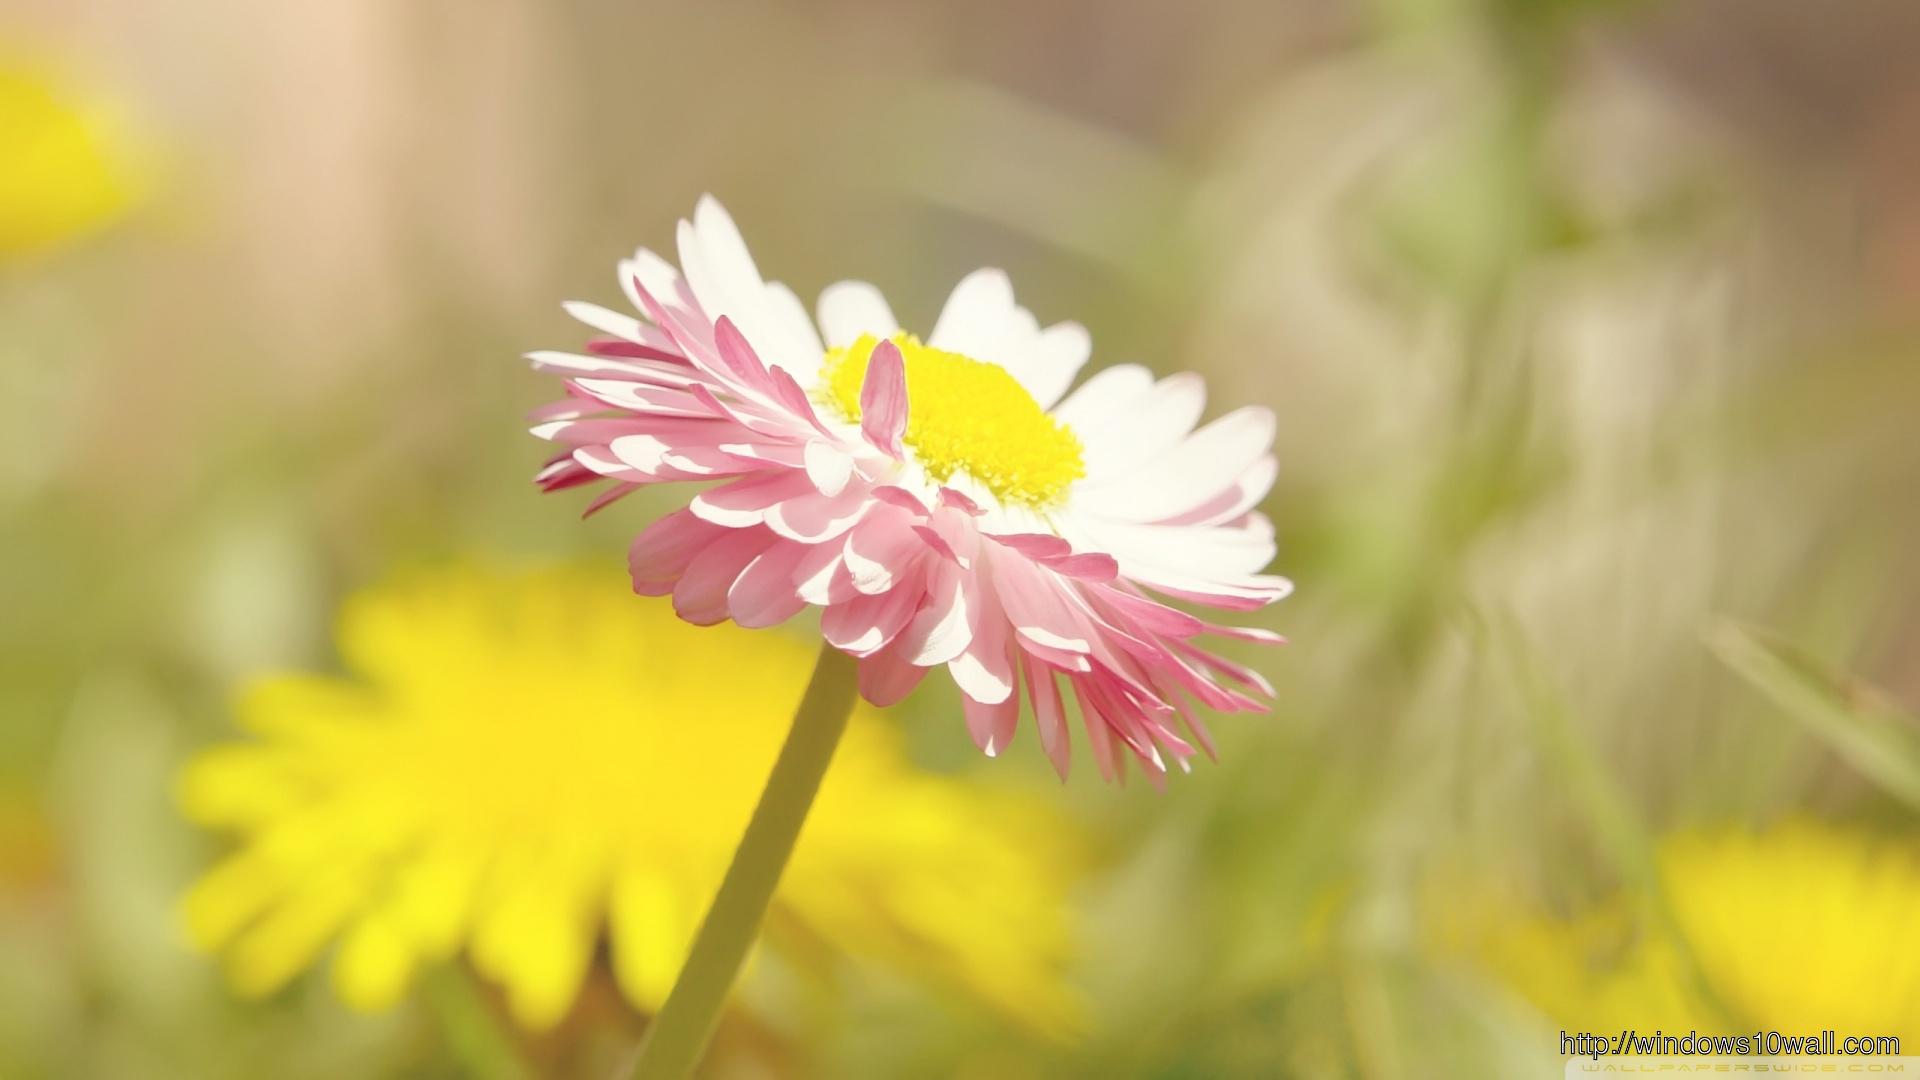 Beautiful Summer Flower Hd Wallpaper